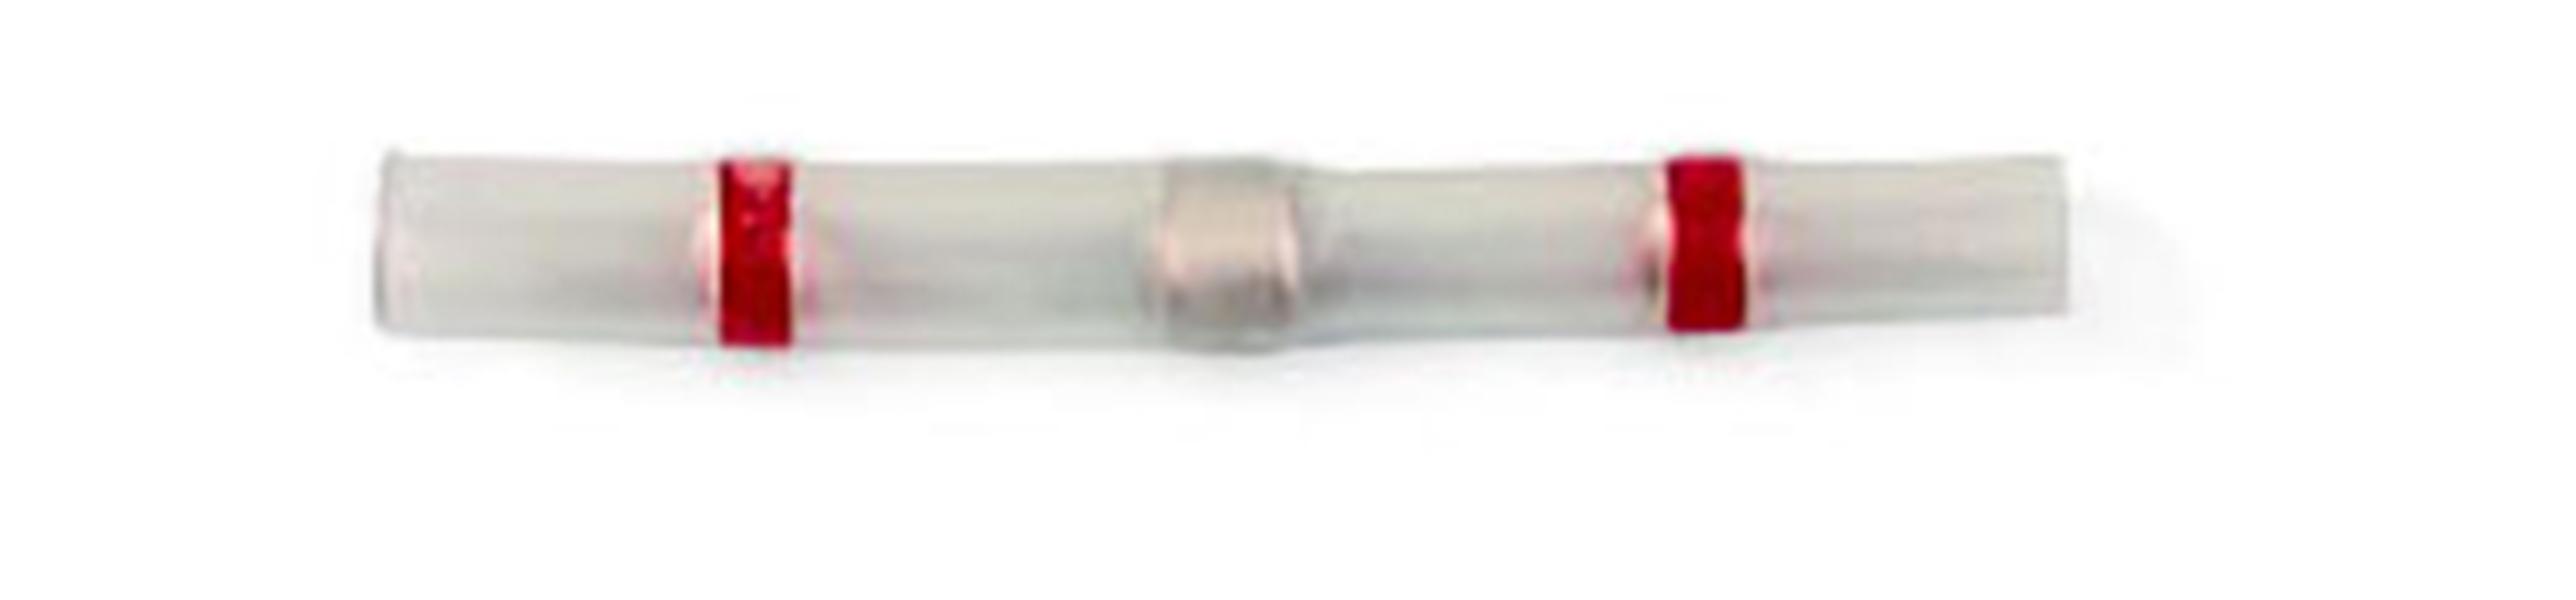 Соединитель термоусаживаемый под пайку красный 0,5